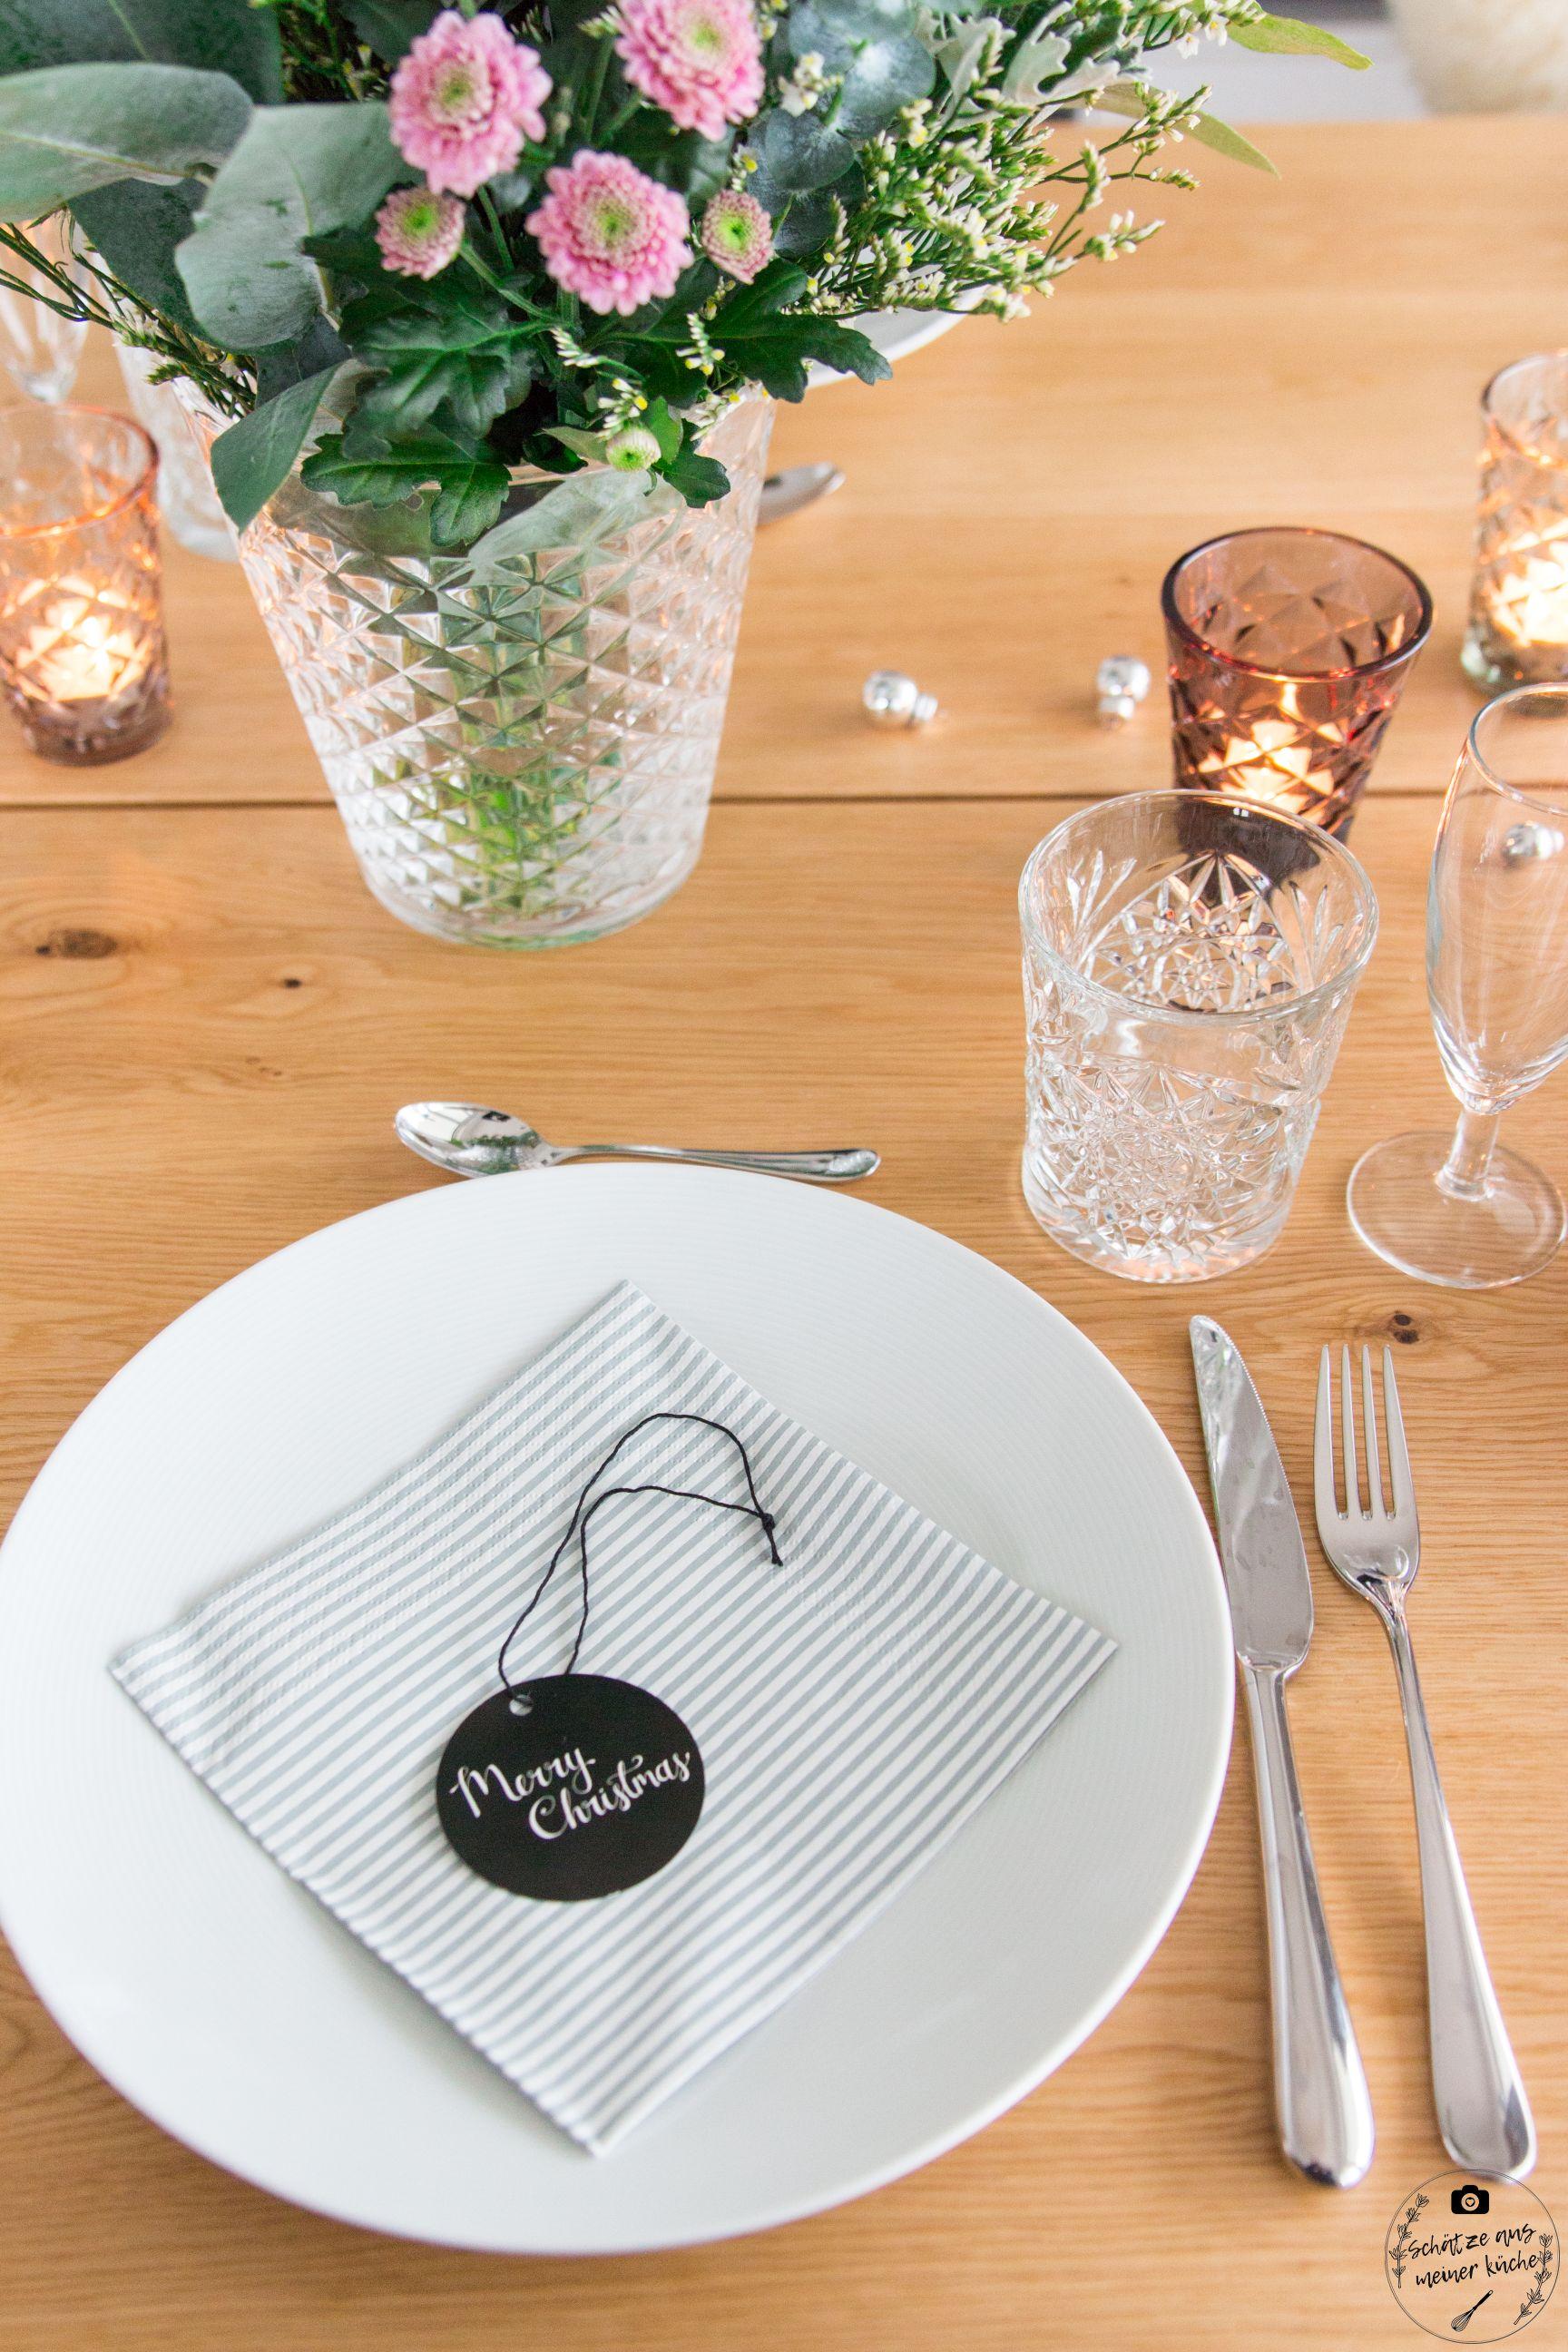 ediths gedeckter Tisch vase tinekhome merry christmas anhänger serviette